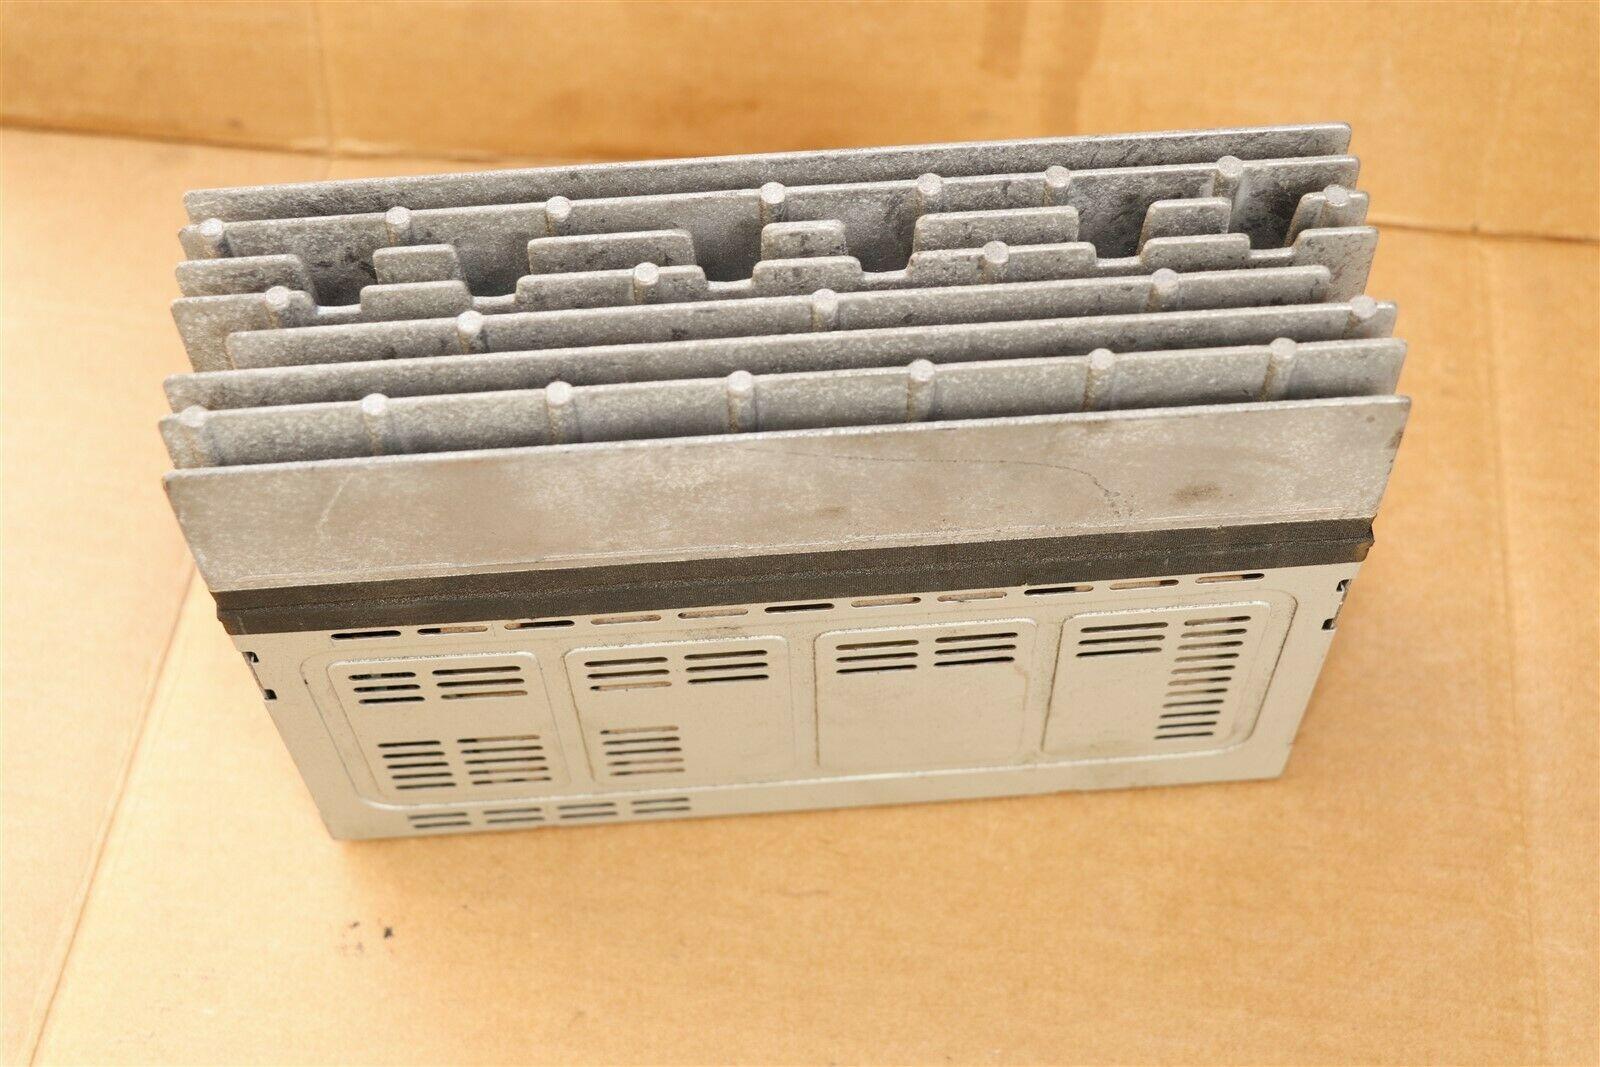 Lexus LS430 Pioneer Amp Amplifier 86280-50231 GM-9006ZT